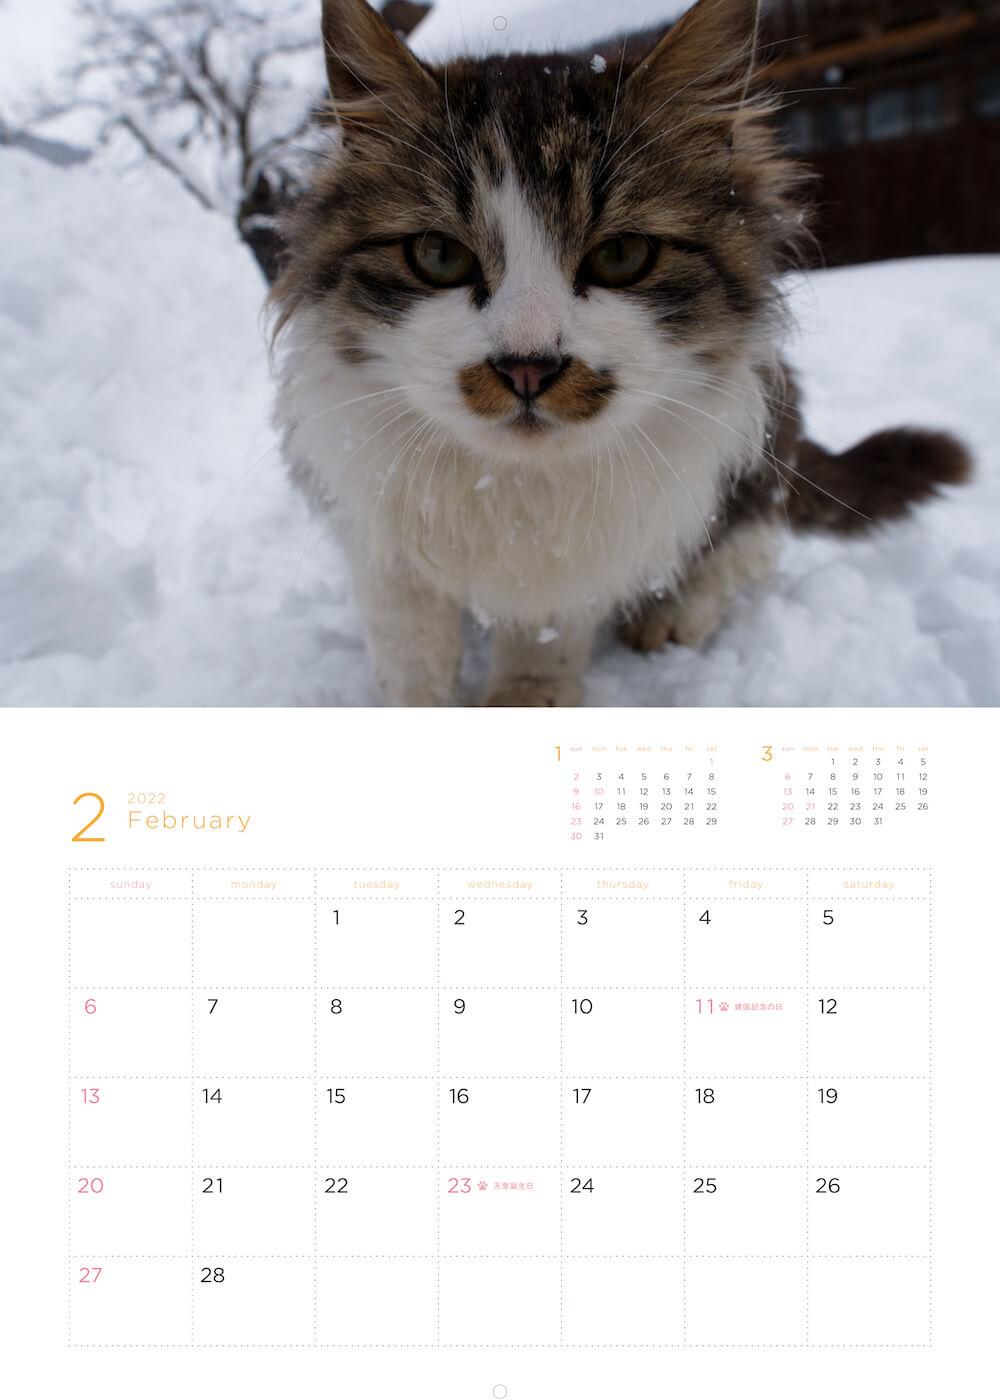 「岩合光昭 福ねこ2022 カレンダー」の2月のカレンダー実物イメージ